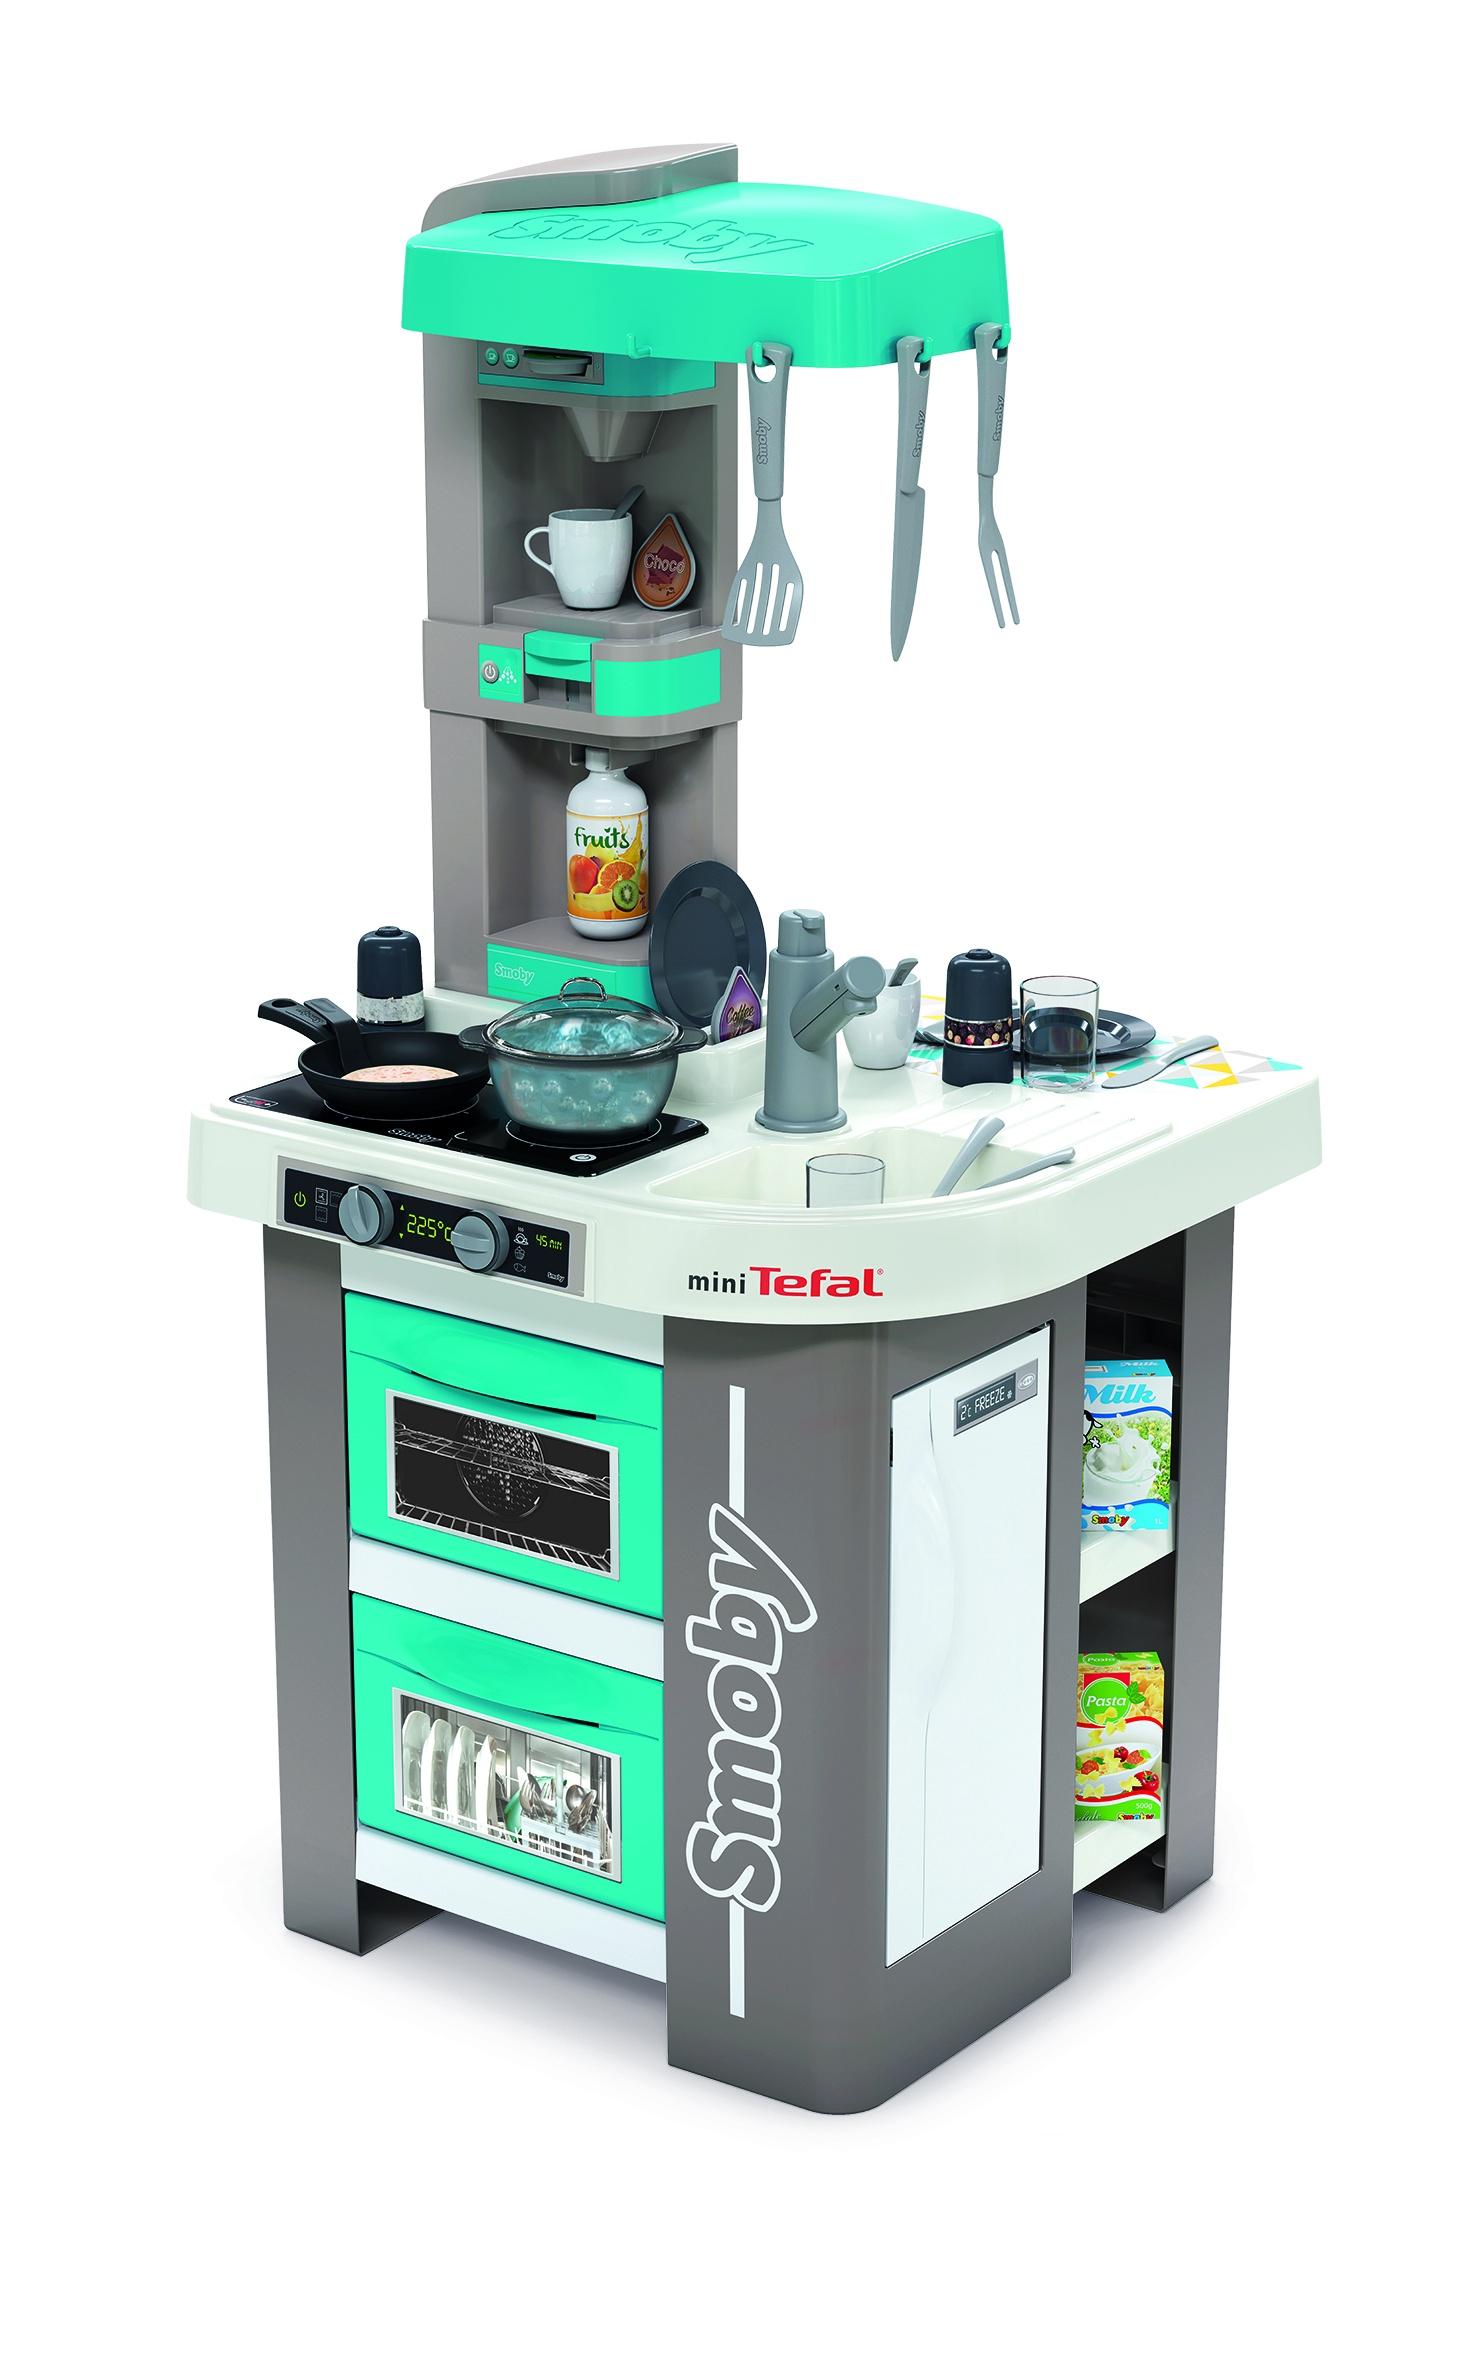 Кухня электронная Tefal Studio, пузырьки, 28 акс., 48х46,5х99 см цена и фото